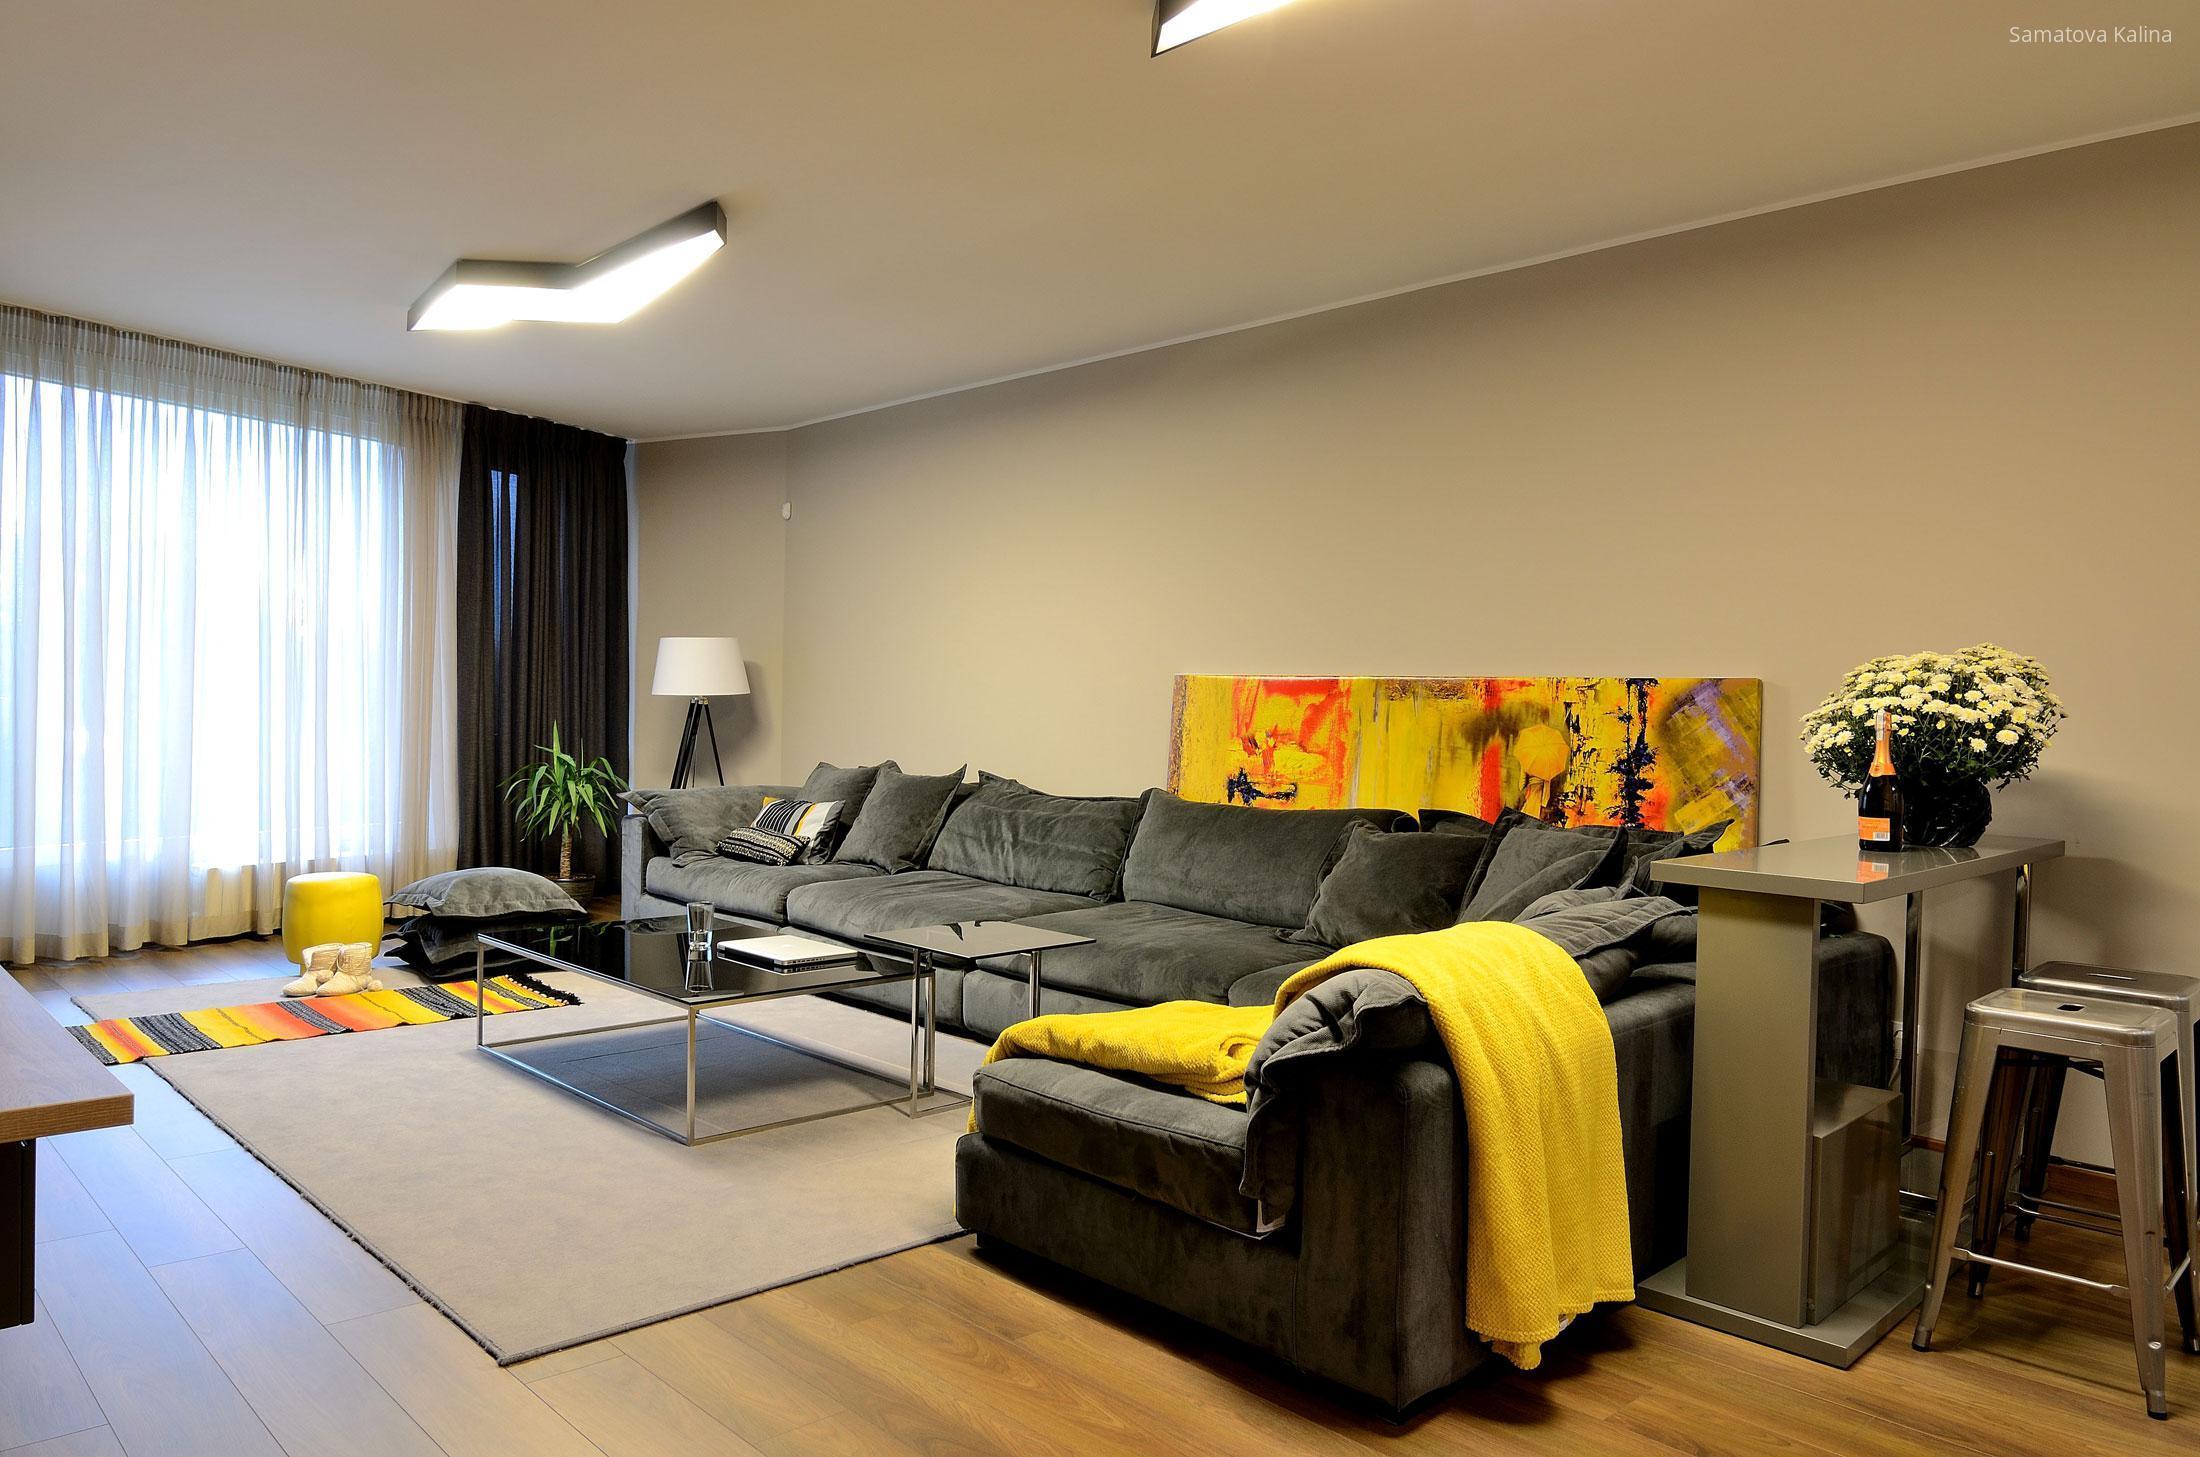 Sötét színű sarokkanapé a nappaliban // HOMEINFO.hu - Inspirációtár